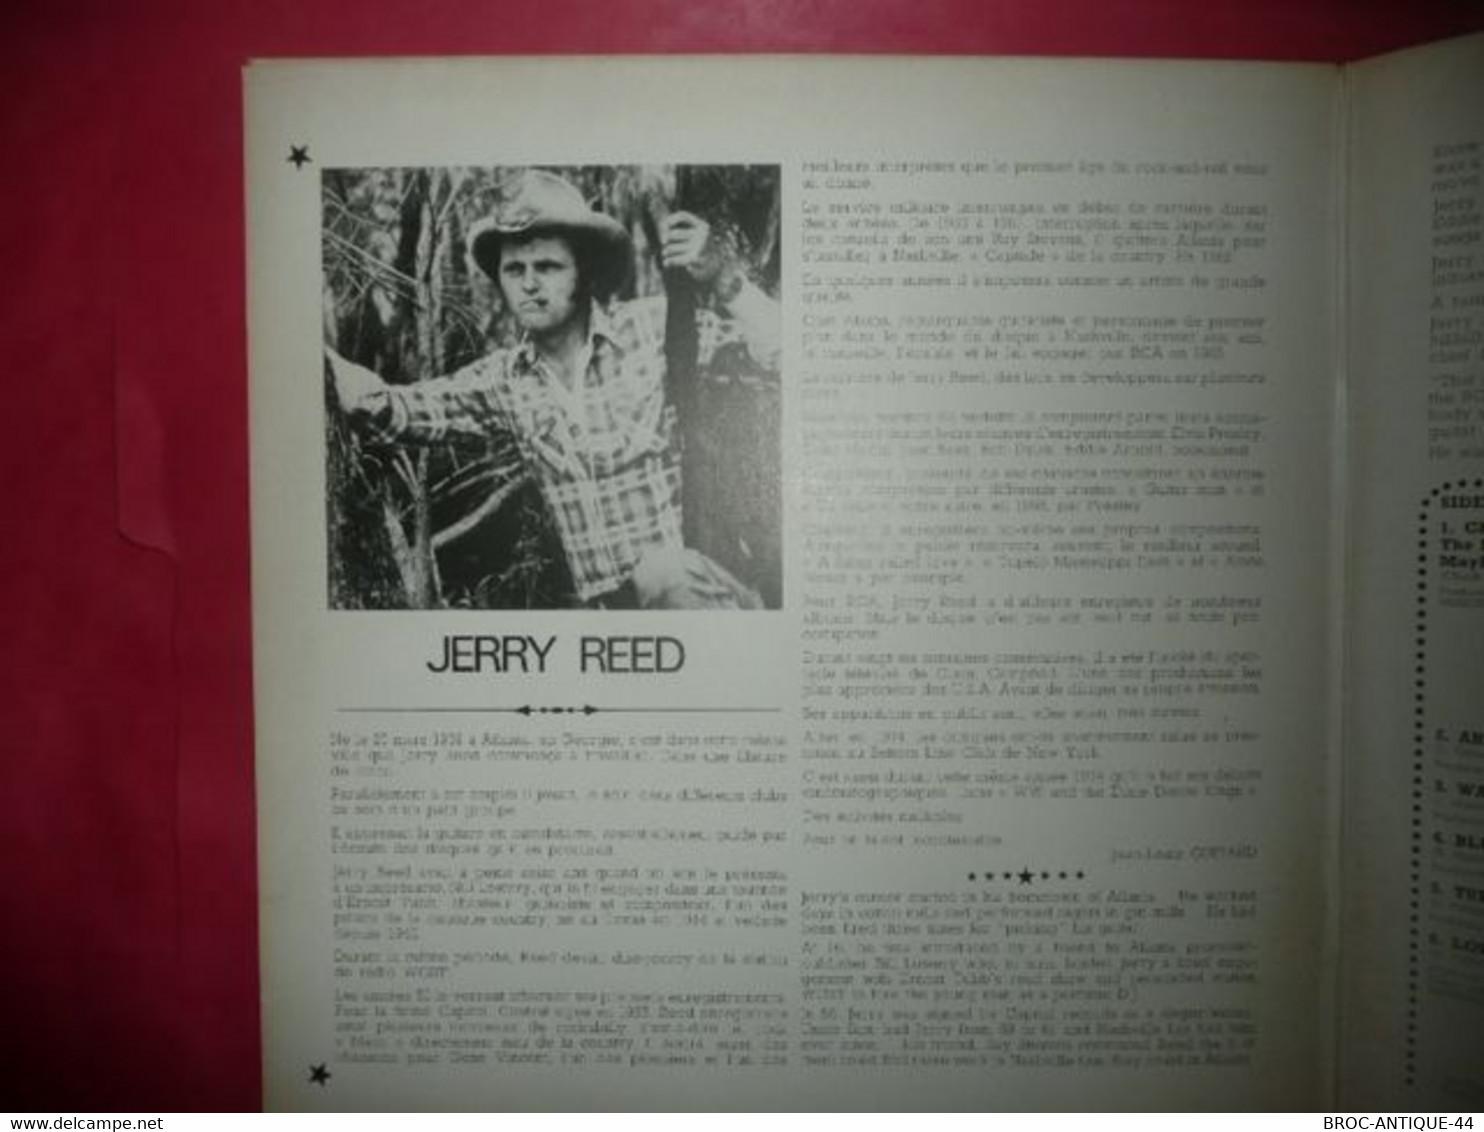 LP33 N°5972 - JERRY REED - FPL1 7305 - ROCK FOLK WORLD COUNTRY - VENDU EN ETAT INCONNU ? - Country En Folk